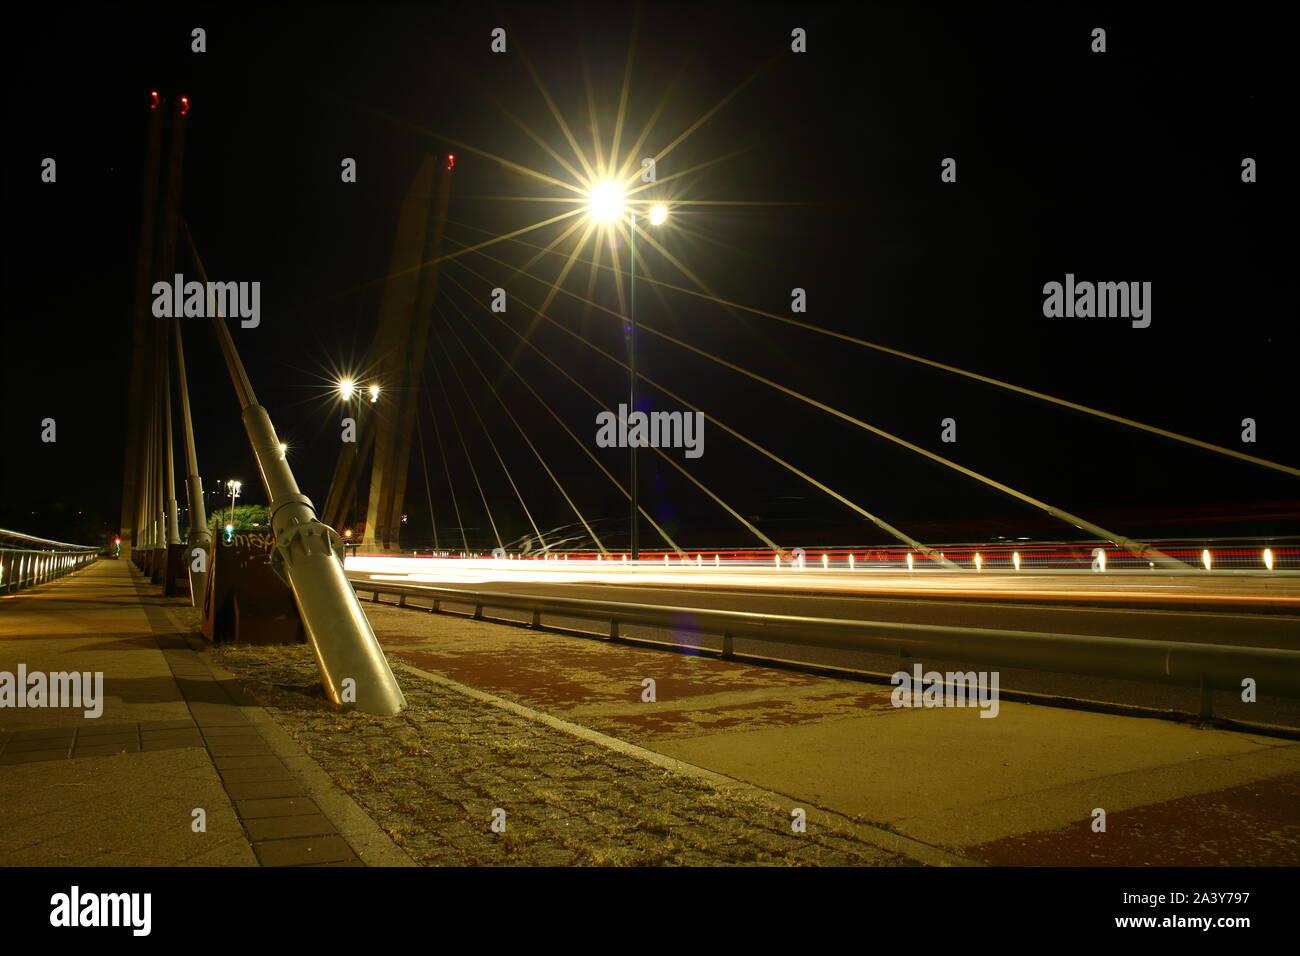 Puente de la hispanidad en Valladolid, Castilla y León, España Foto de stock